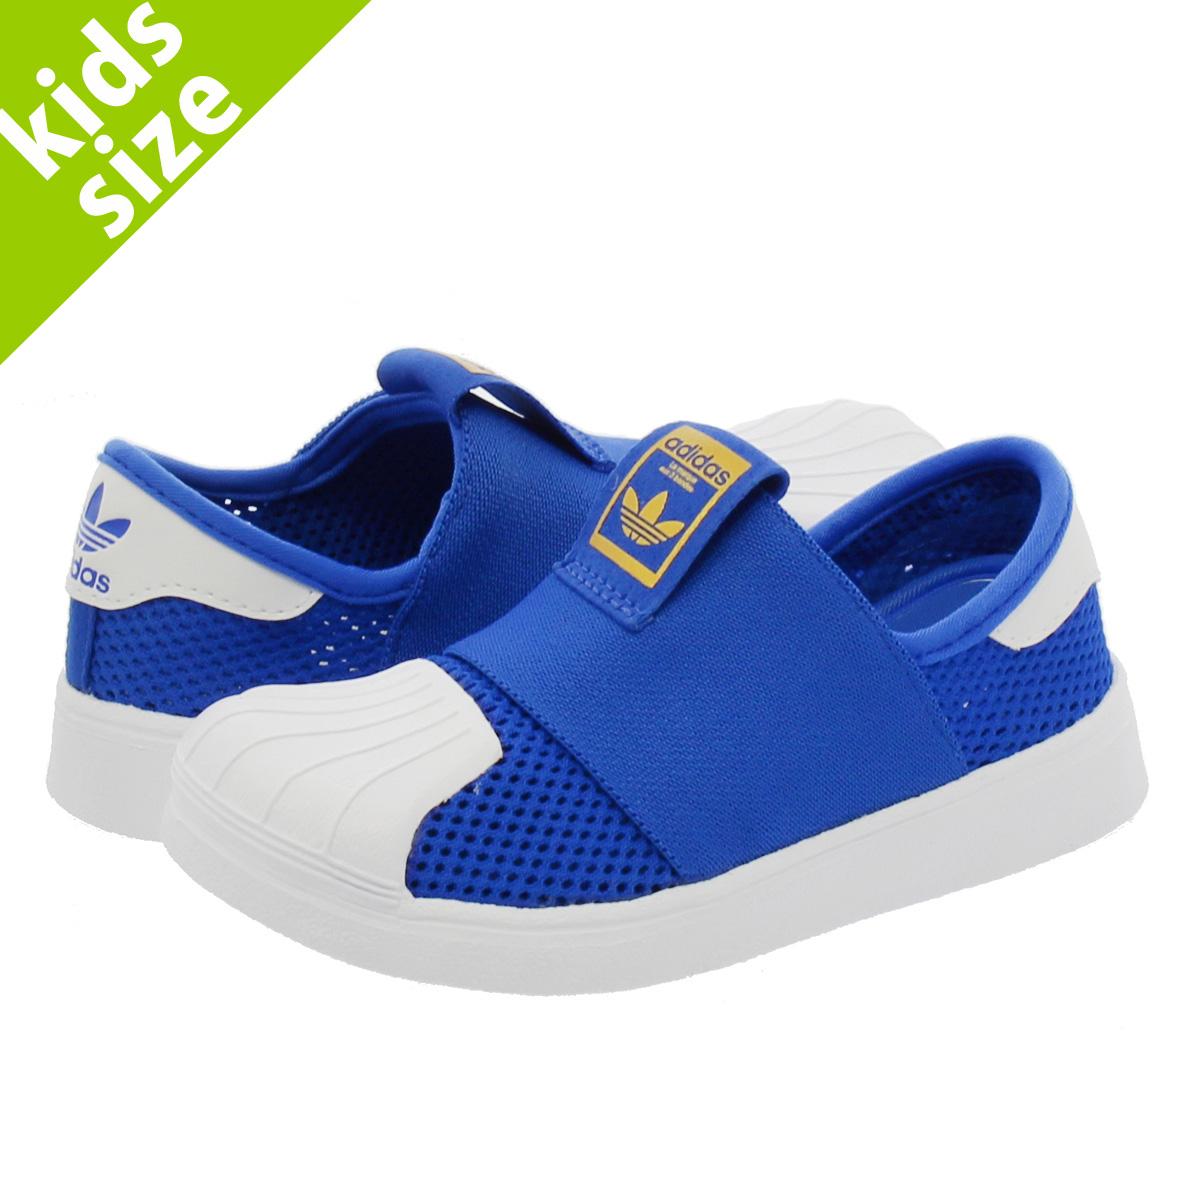 adidas SUPER STAR SMR 360 I Adidas superstar SMR 360 I BLUE/RUNNING WHITE